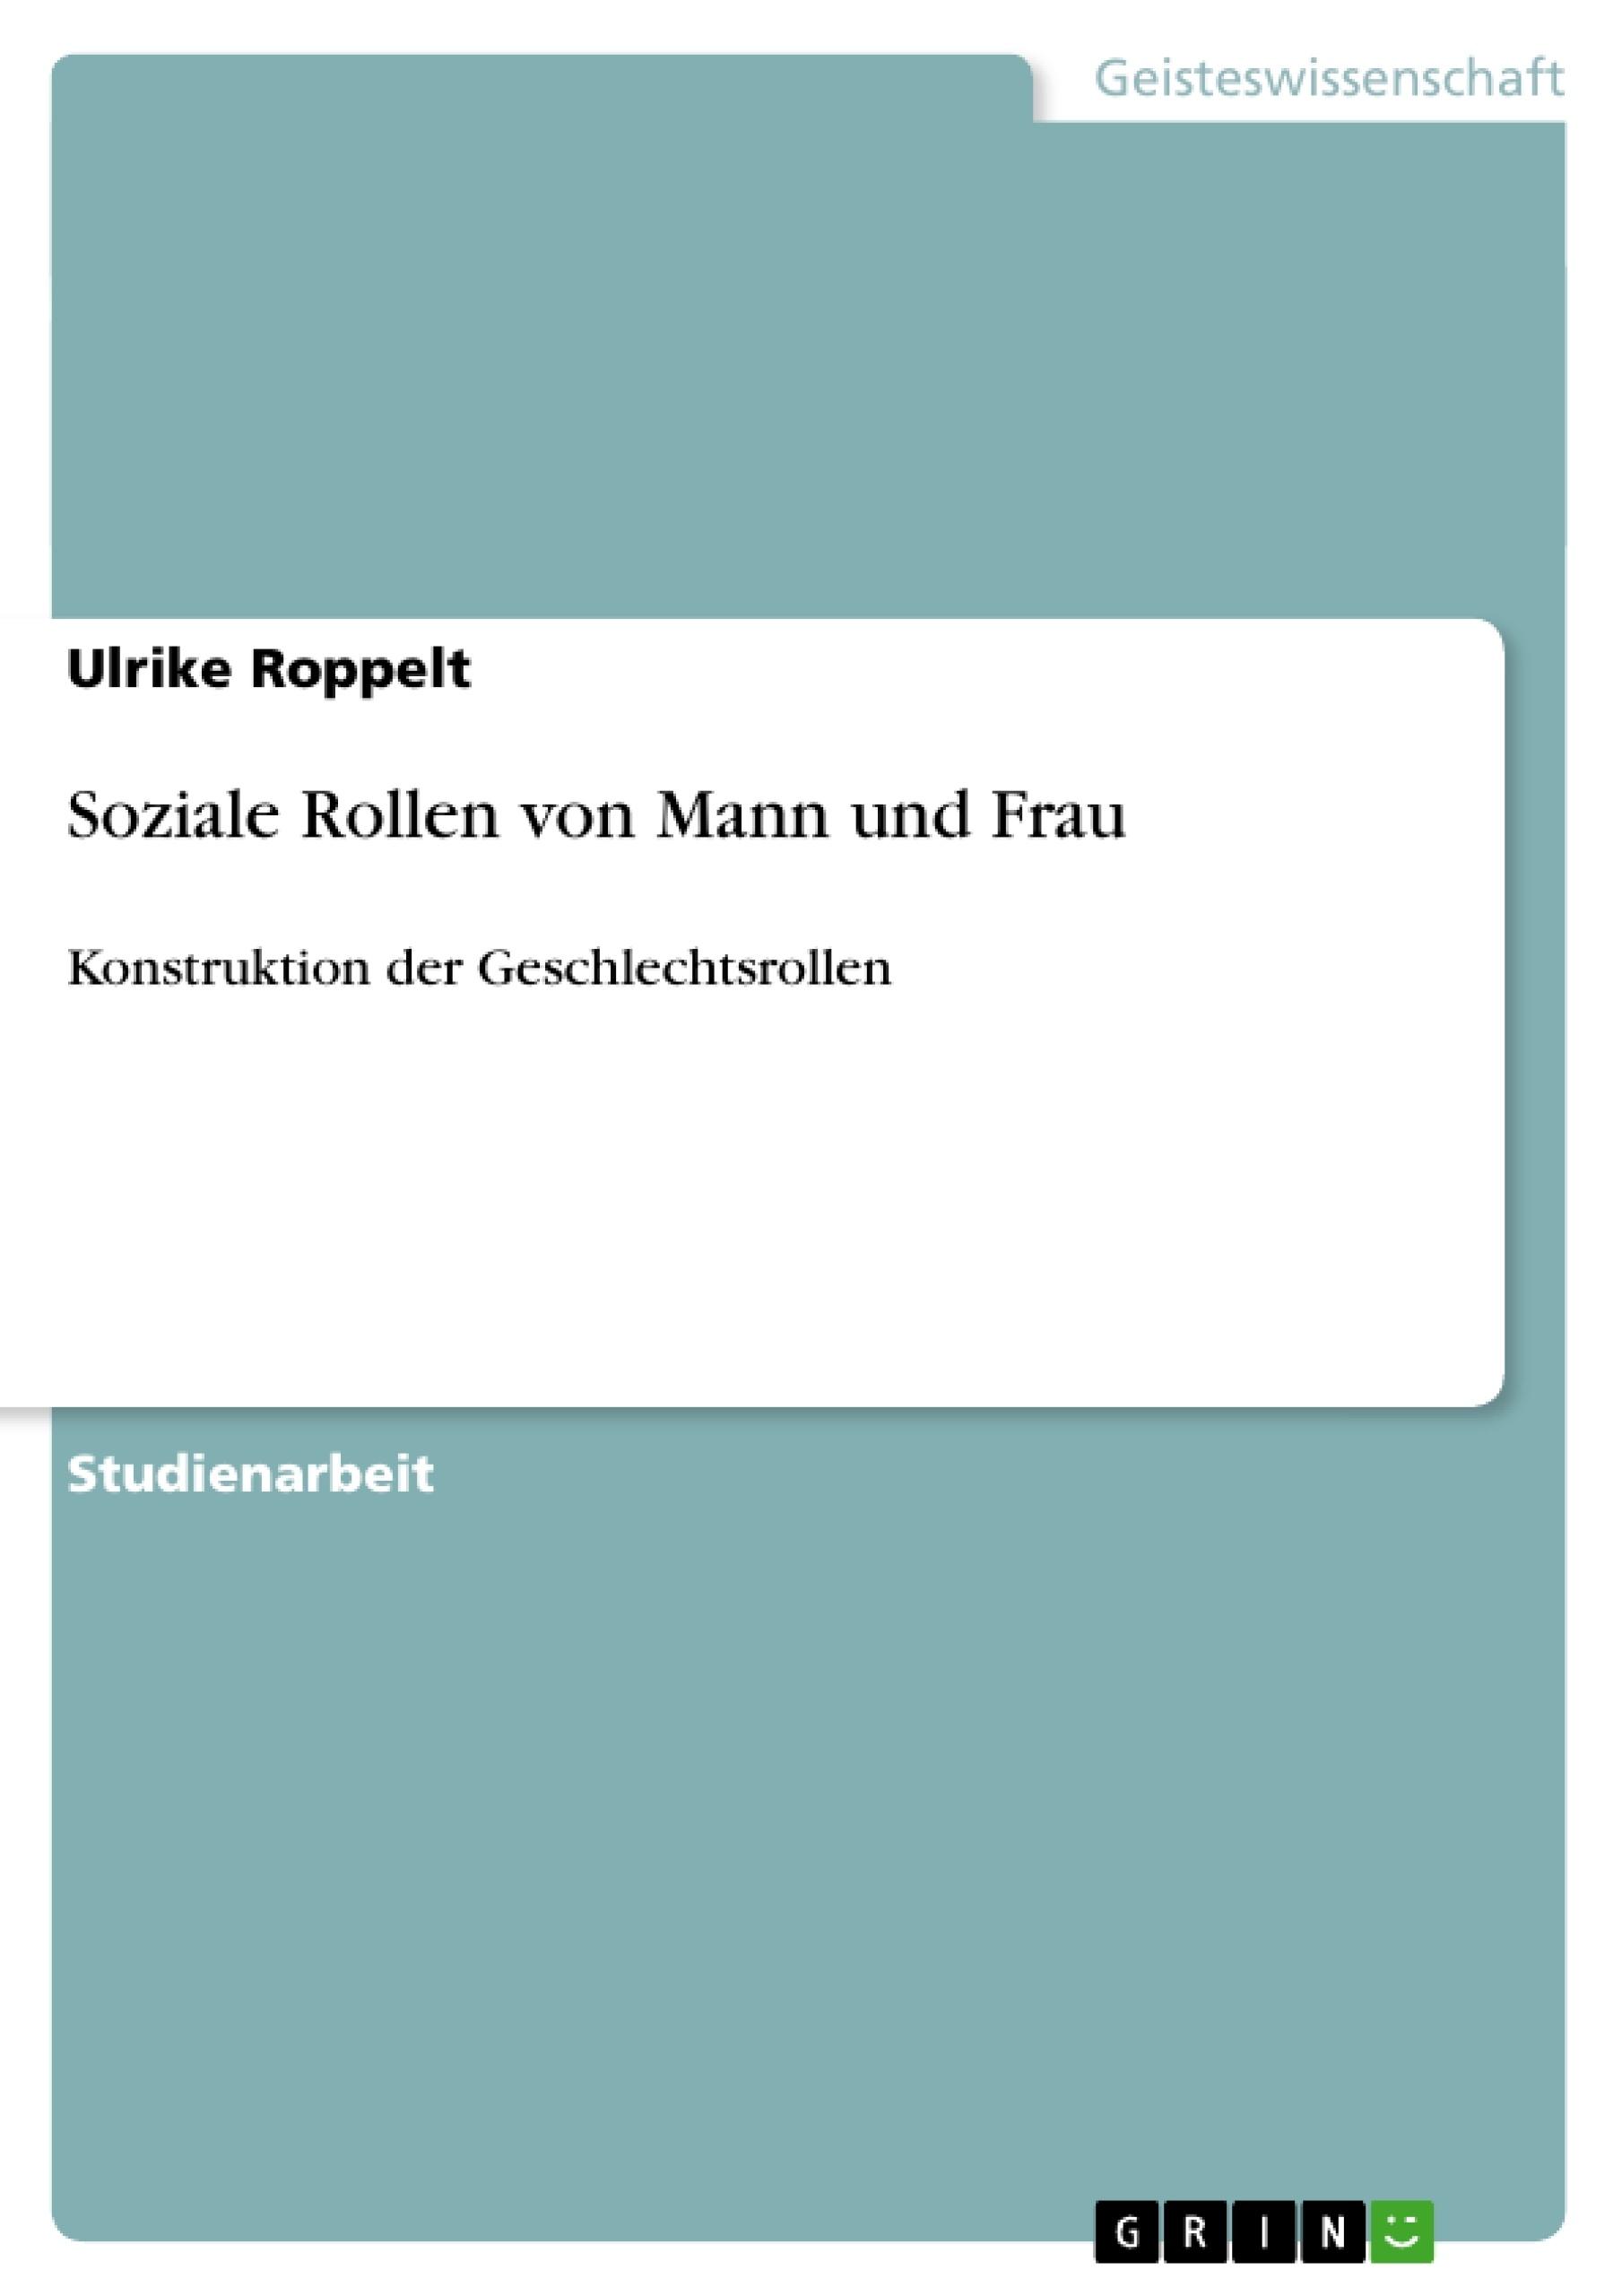 Titel: Soziale Rollen von Mann und Frau